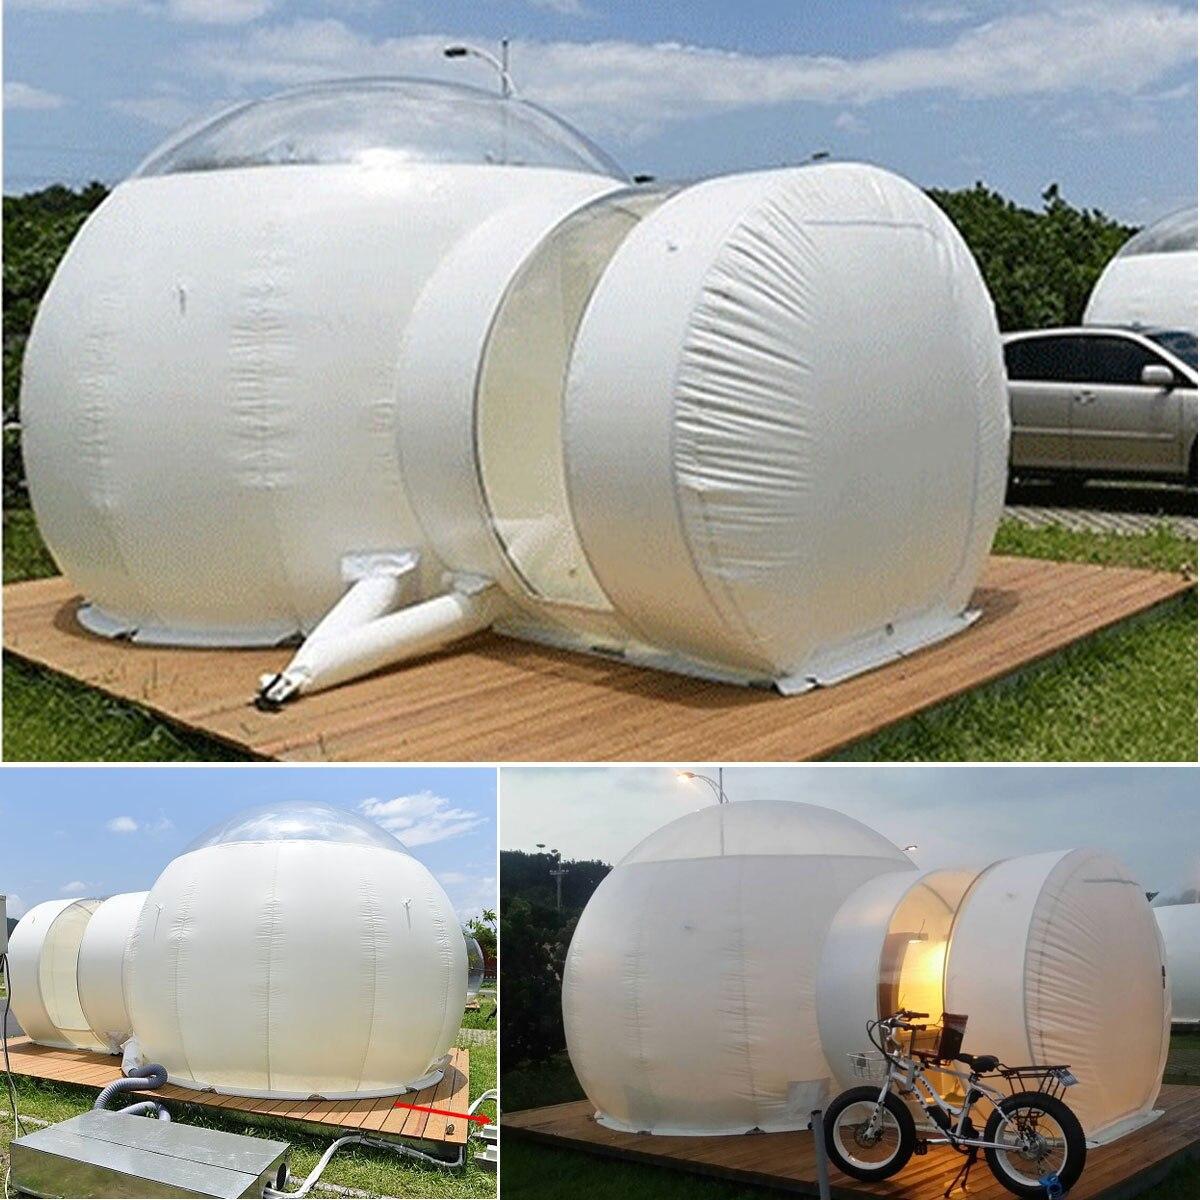 SGODDE 3 M gonflable Eco maison tente bricolage maison de luxe dôme Camping cabine Lodge Air bulle publicitaire gonflable spectacle maison